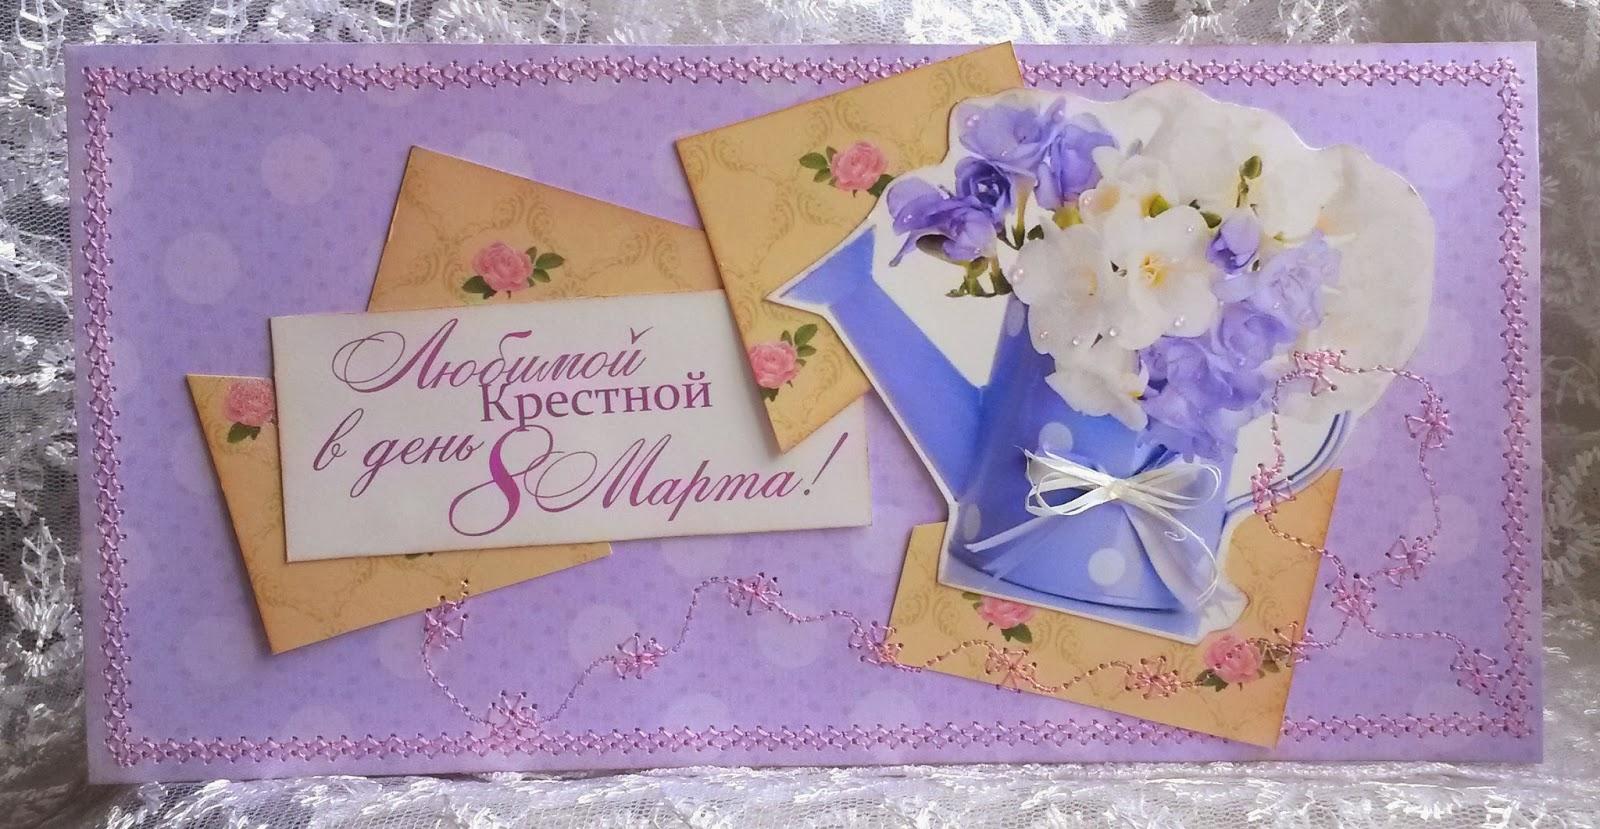 Поздравления с днем рождения крестнику от крестного 13